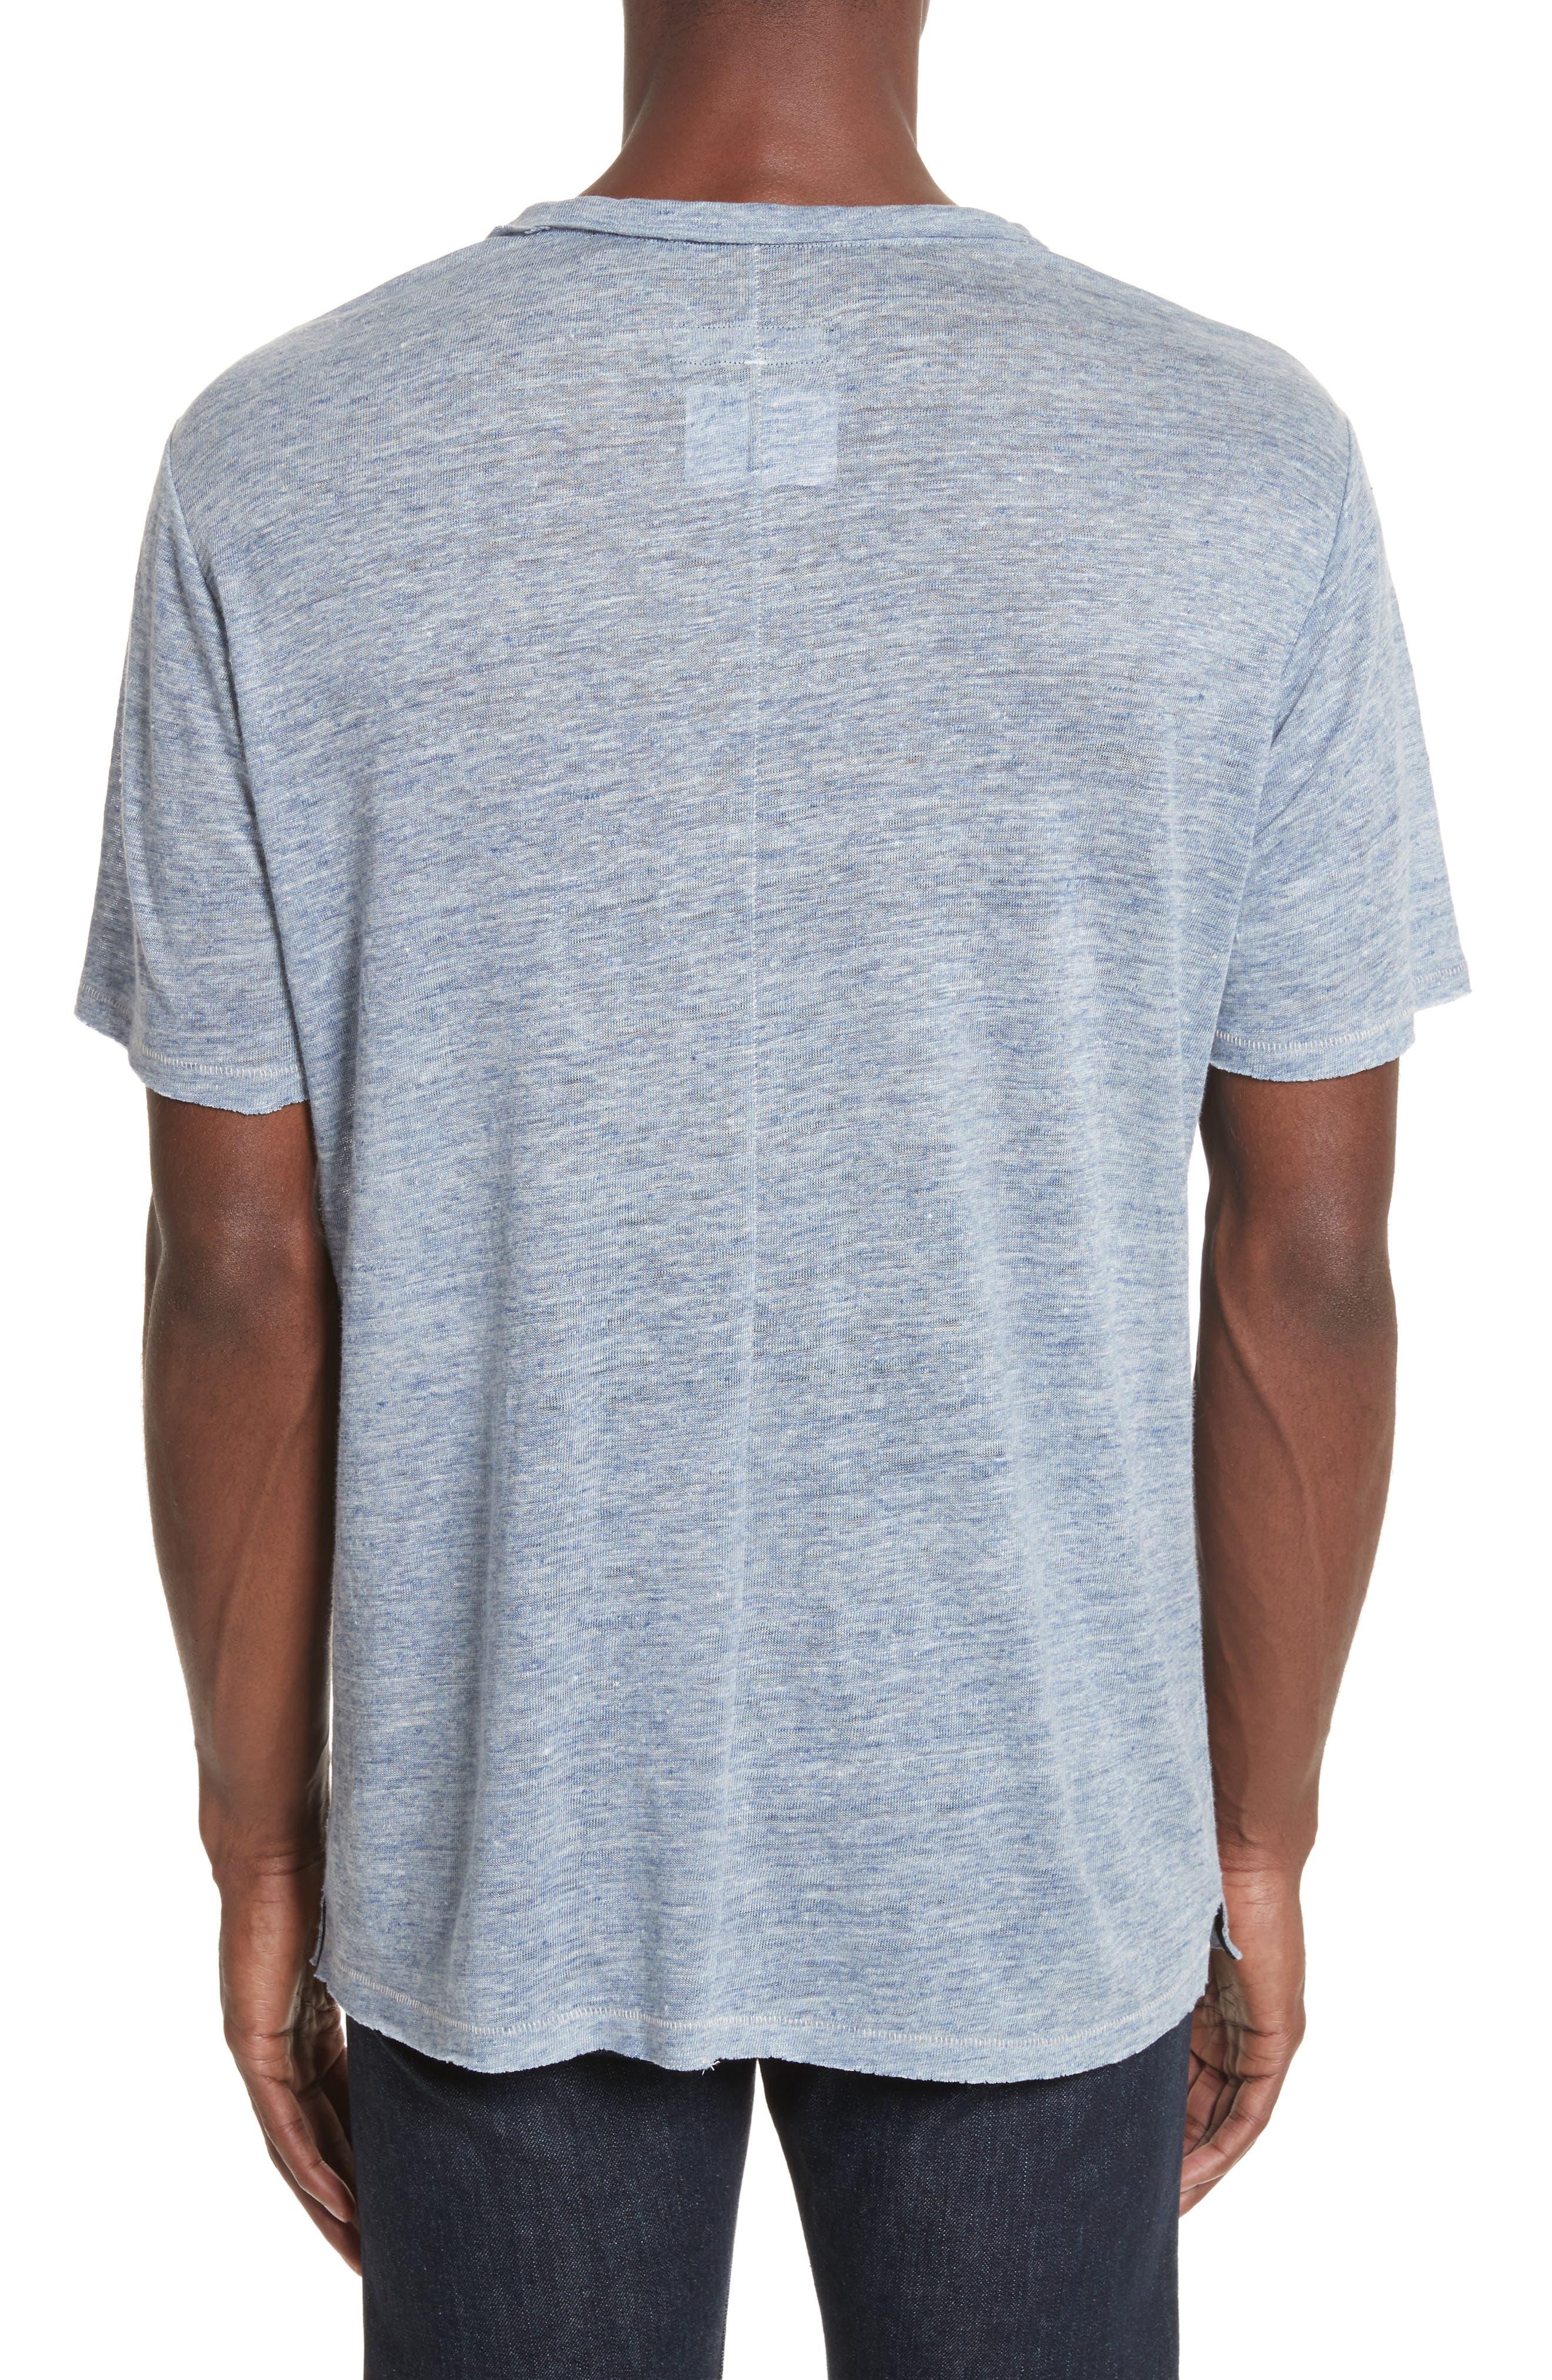 Owen T-Shirt,                             Alternate thumbnail 2, color,                             Blue